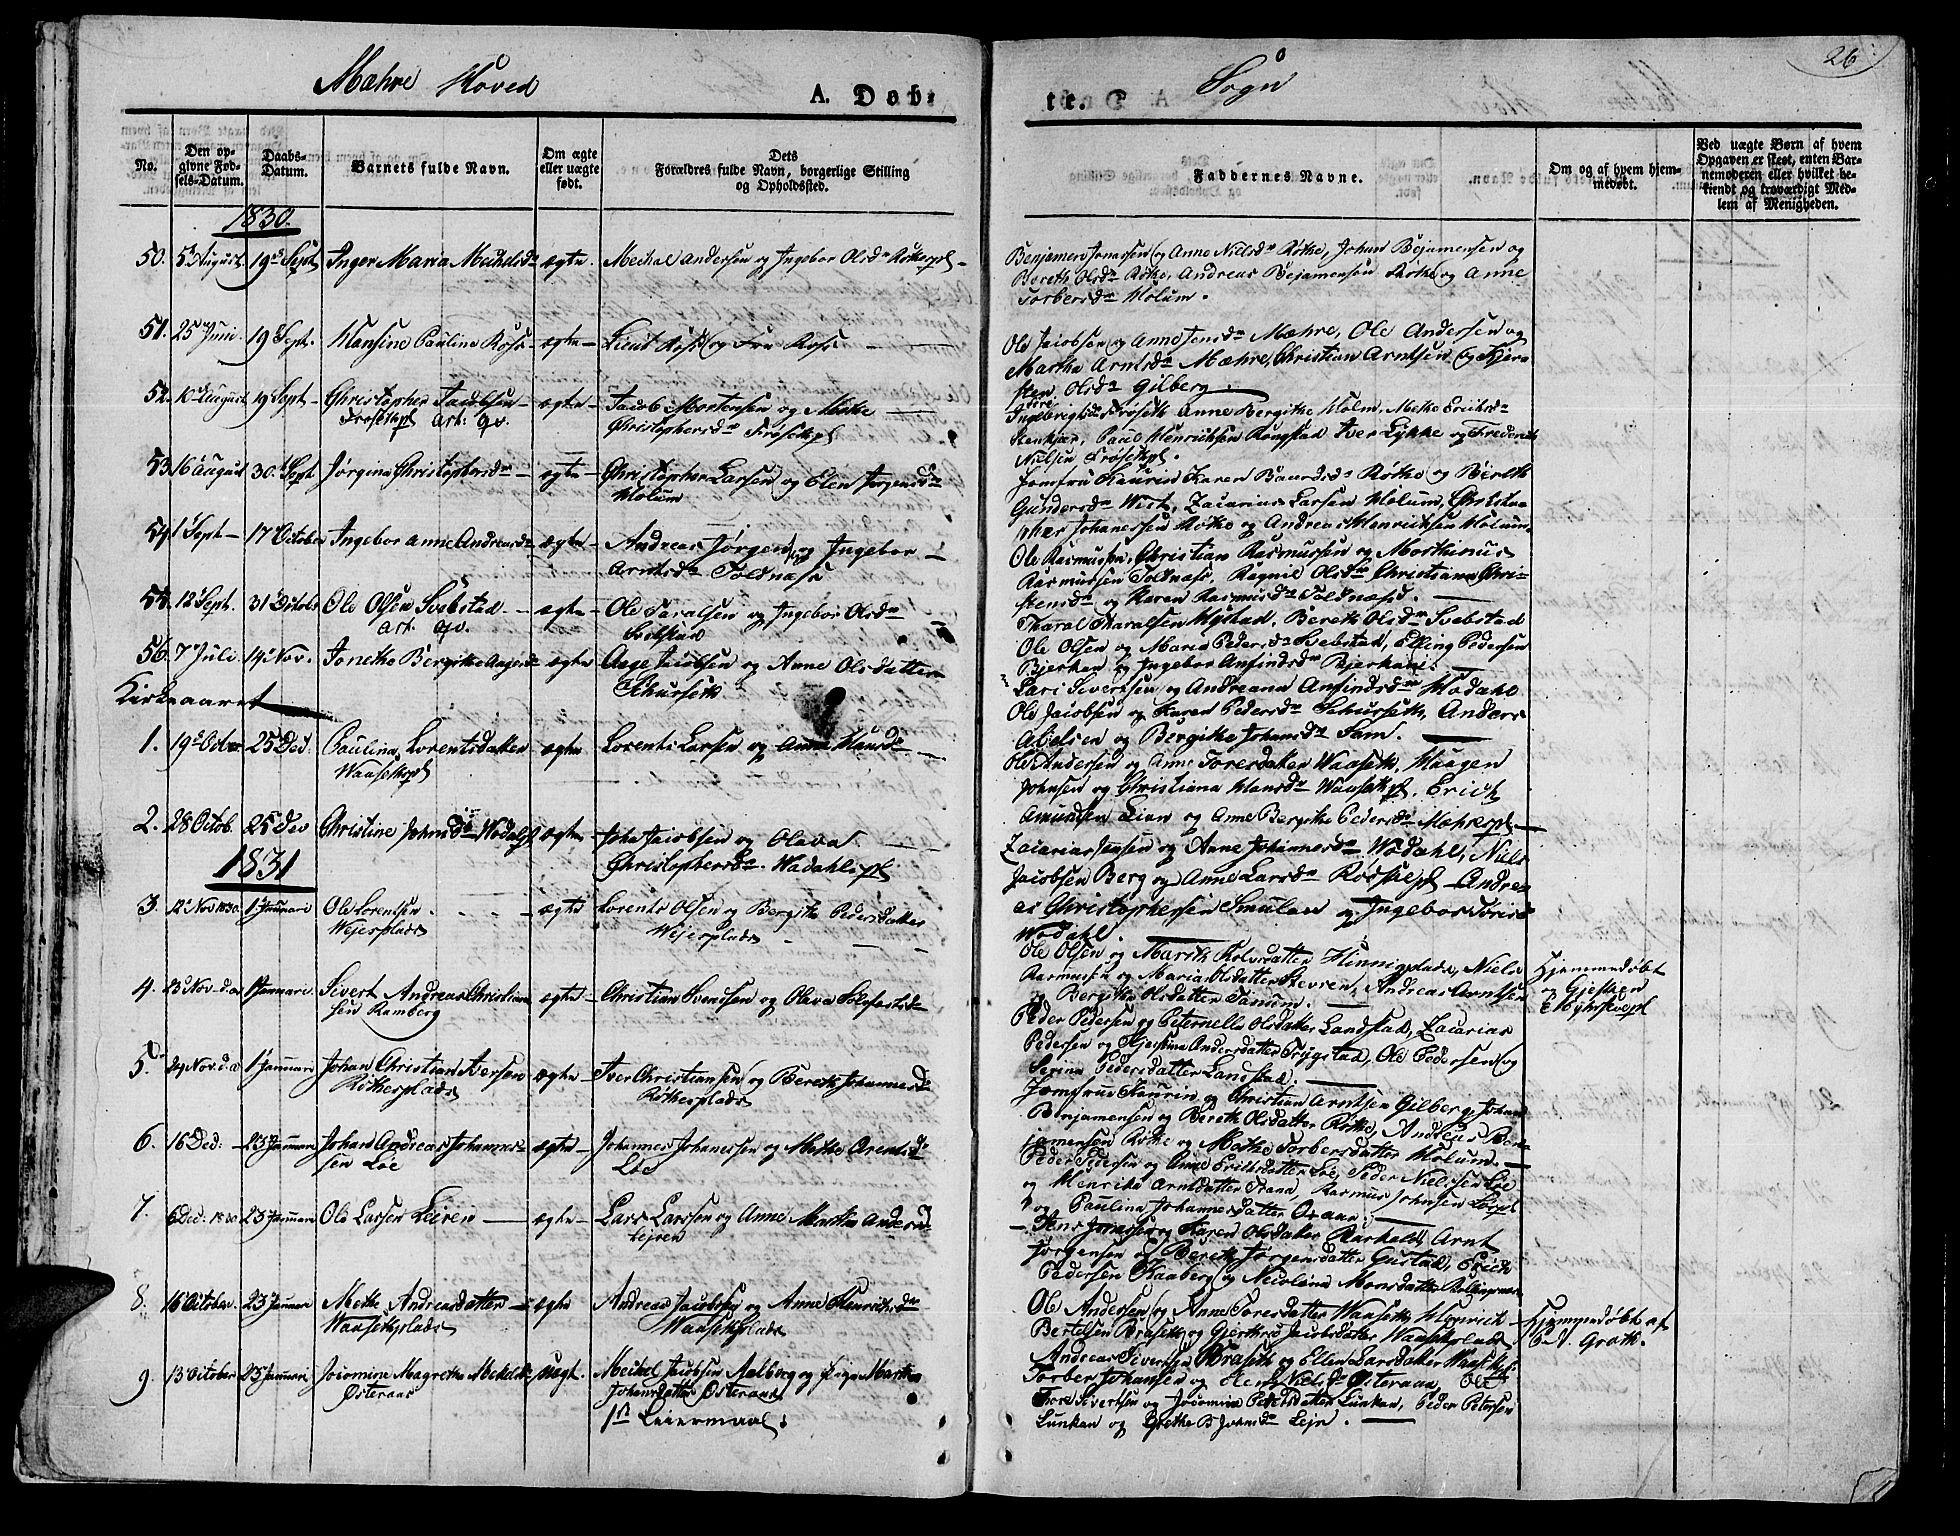 SAT, Ministerialprotokoller, klokkerbøker og fødselsregistre - Nord-Trøndelag, 735/L0336: Ministerialbok nr. 735A05 /1, 1825-1835, s. 26